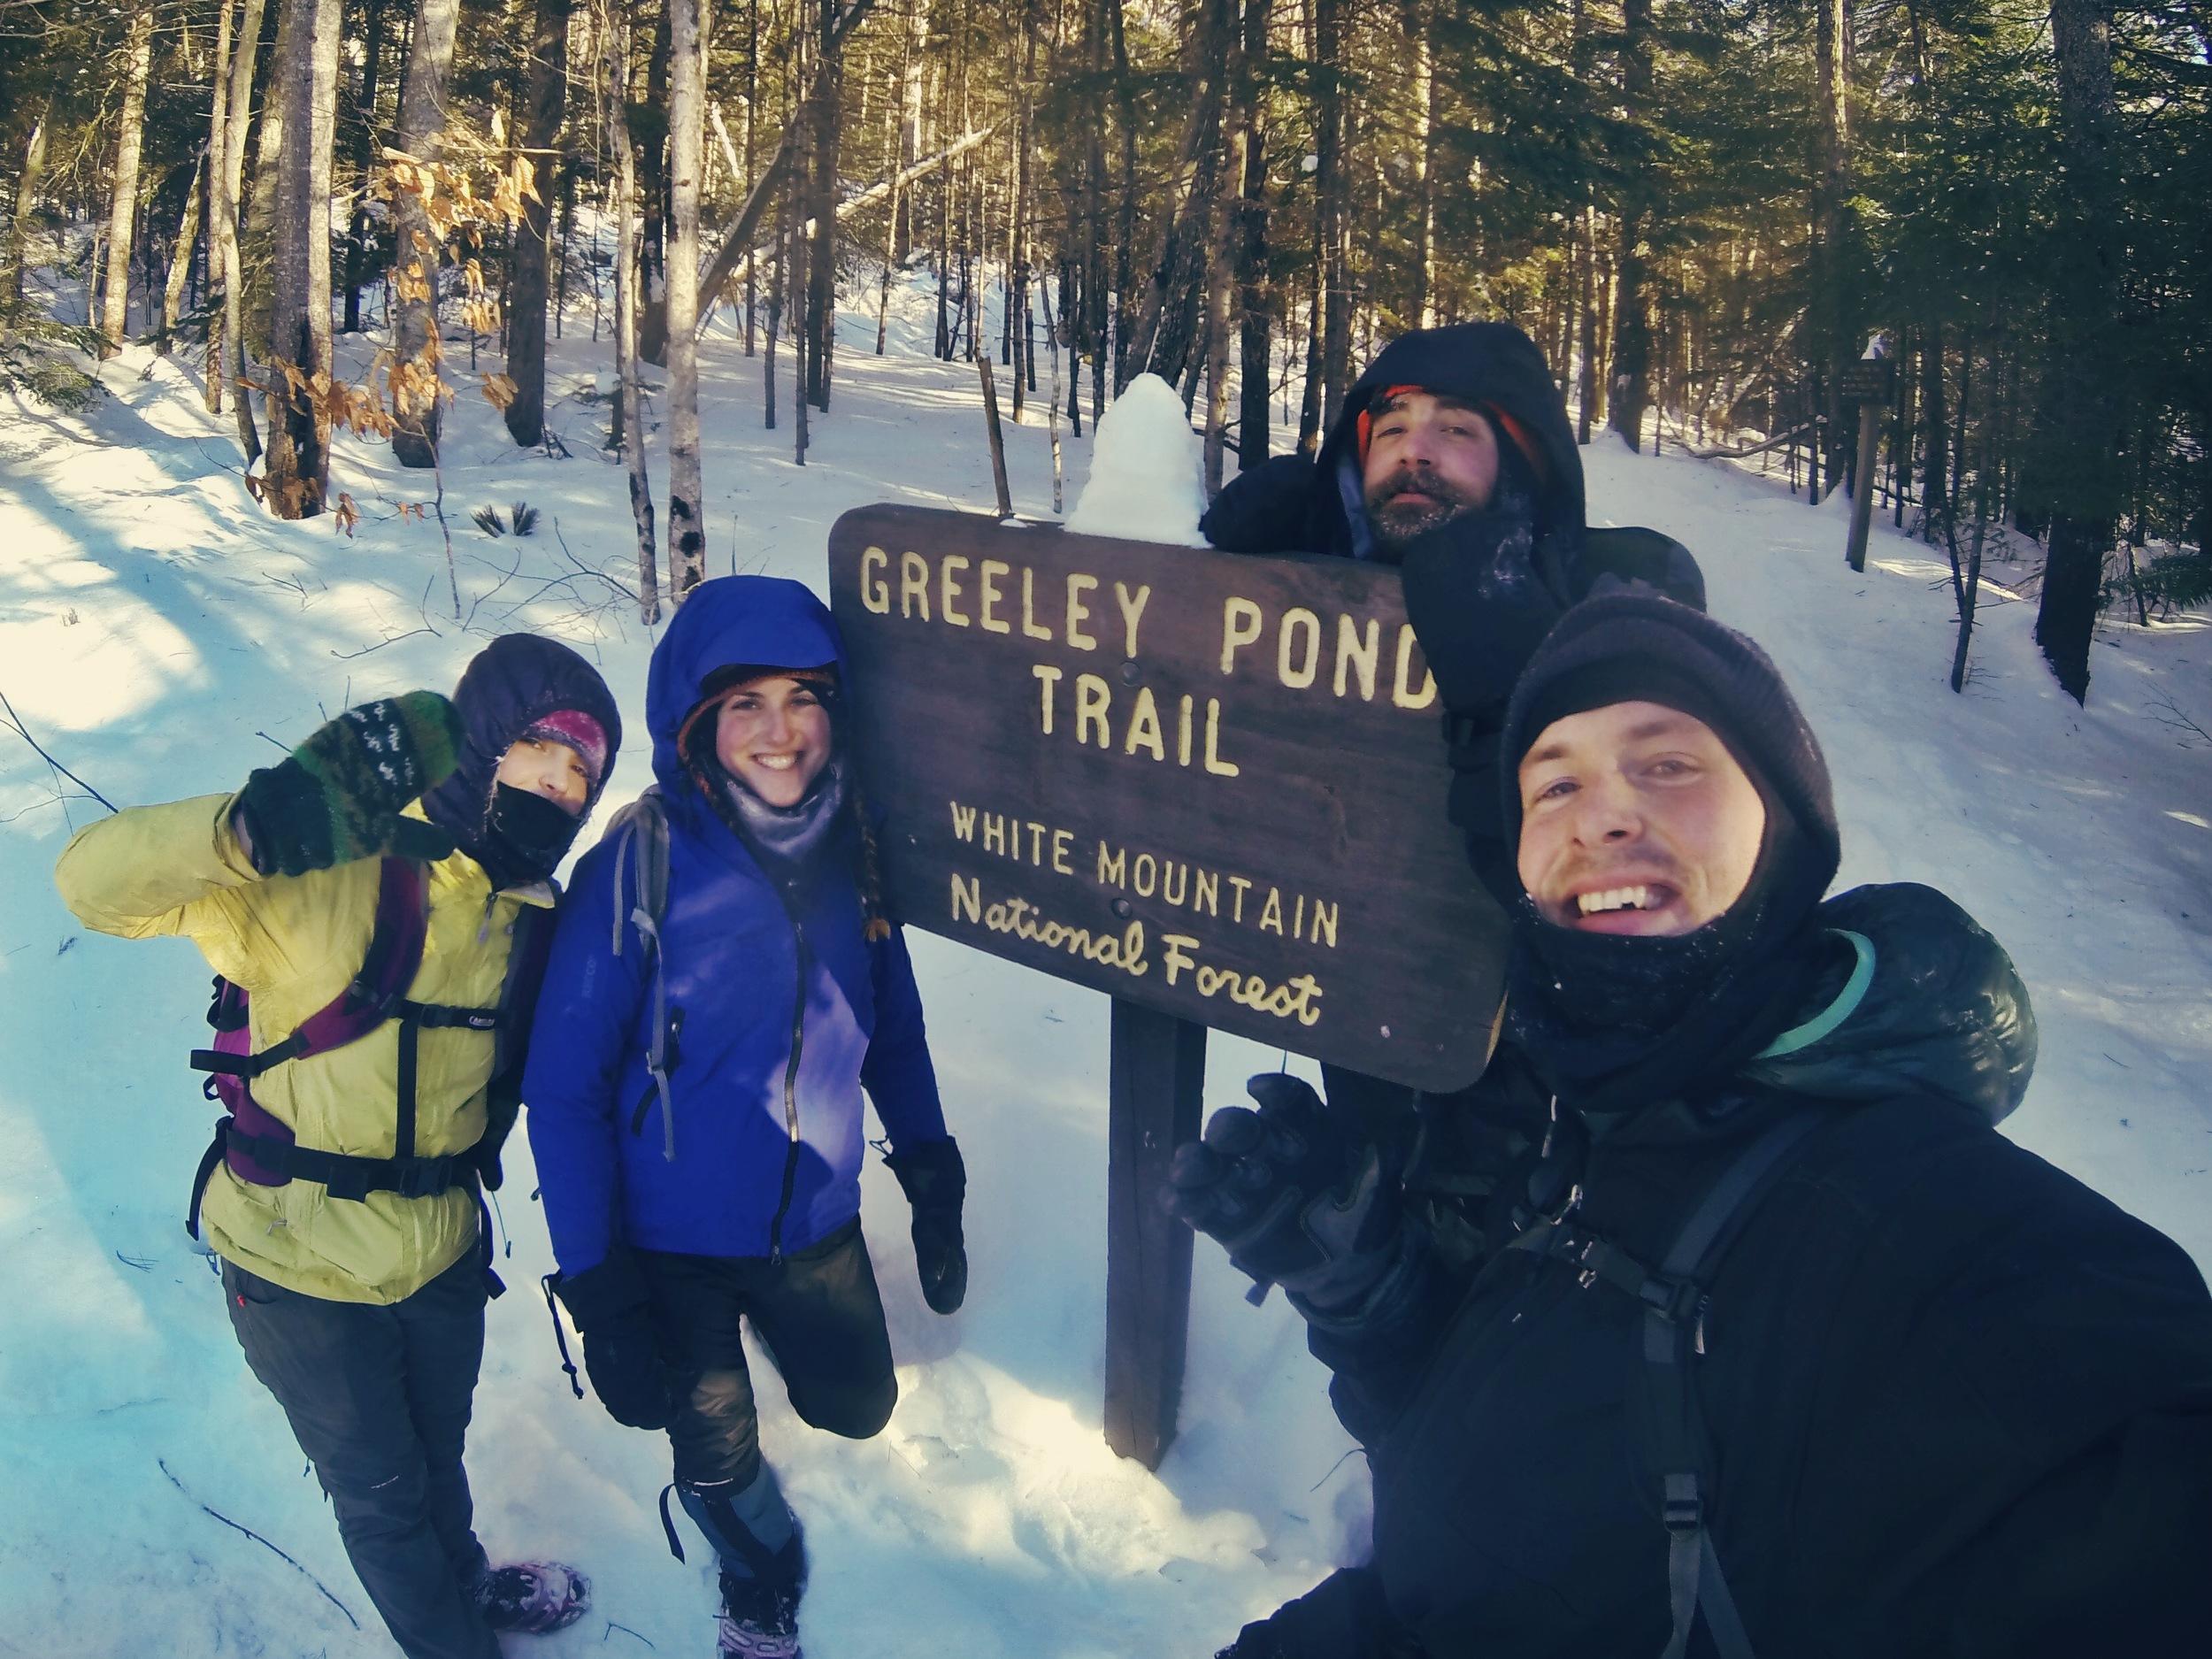 A successful and fun winter hike!